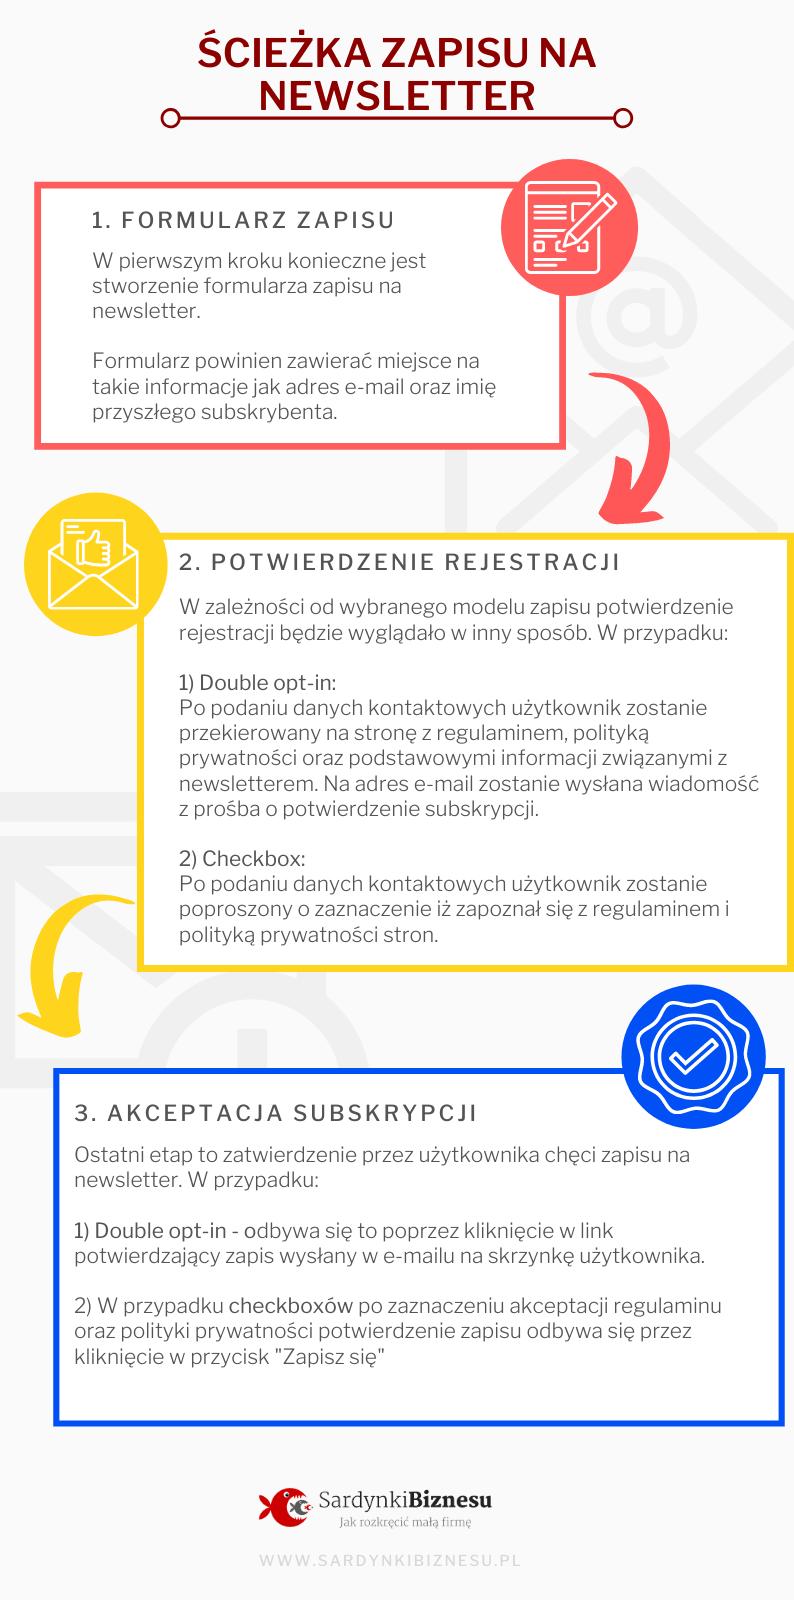 Infografika - ścieżka zapisu na newsletter krok po kroku